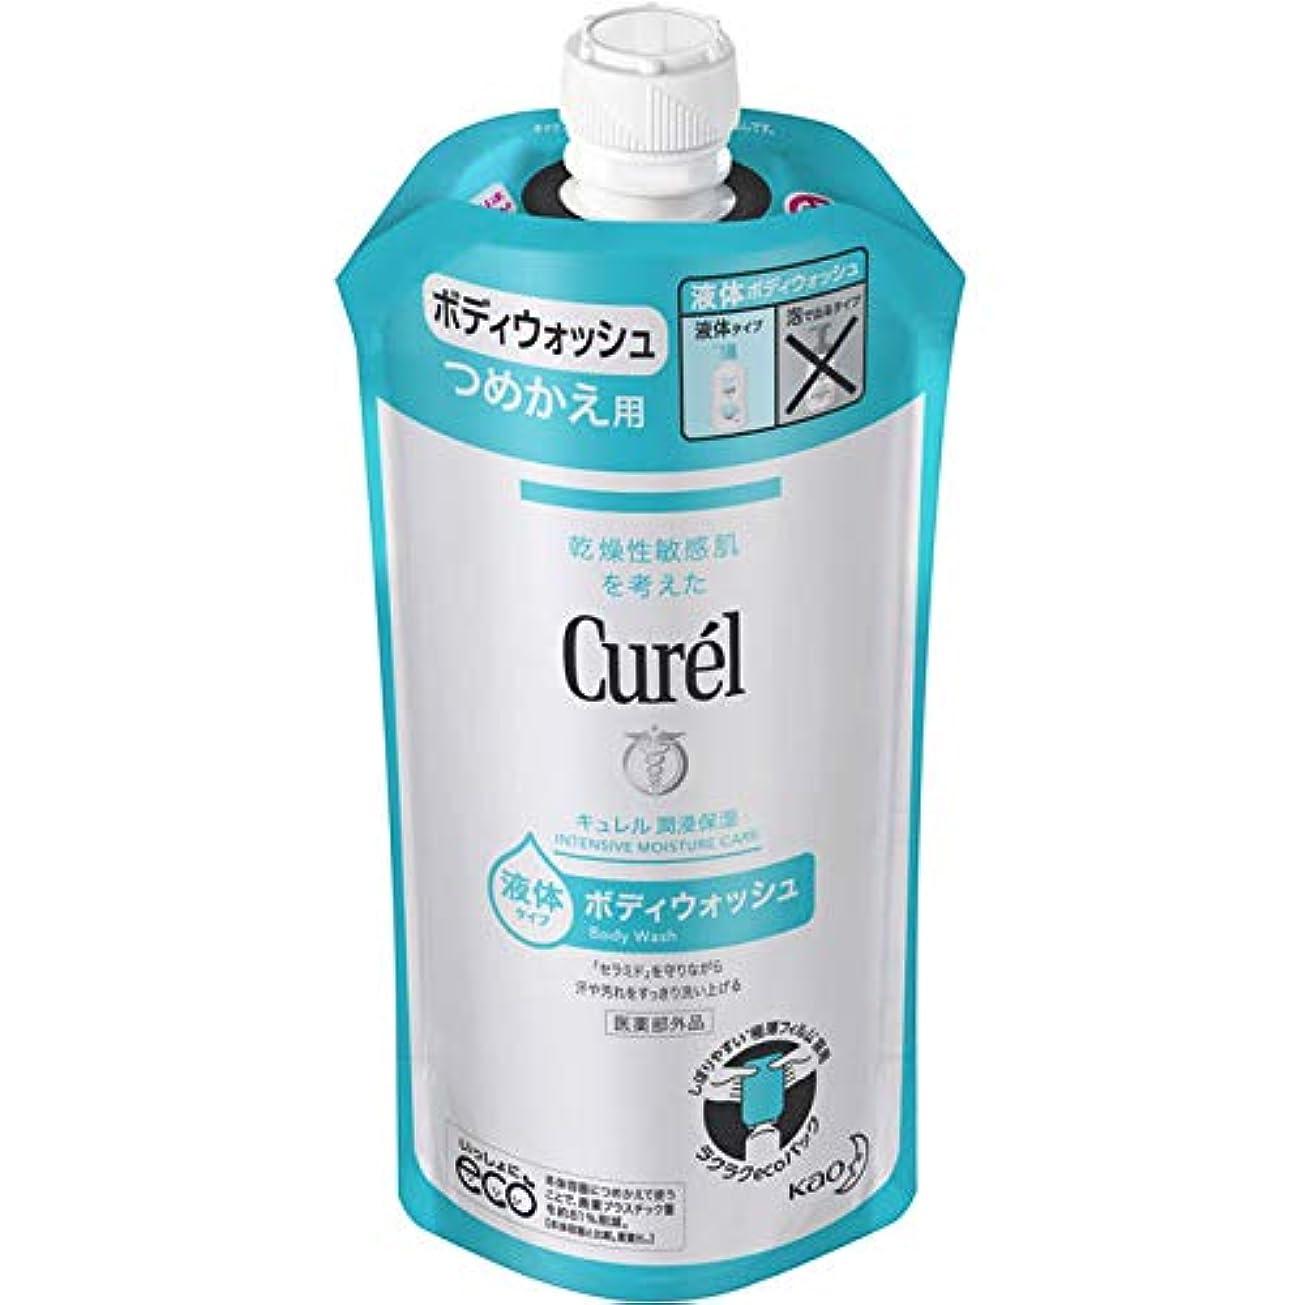 キュレル ボディウォッシュ つめかえ用 340ml (赤ちゃんにも使えます) 弱酸性 ? 無香料 ? 無着色